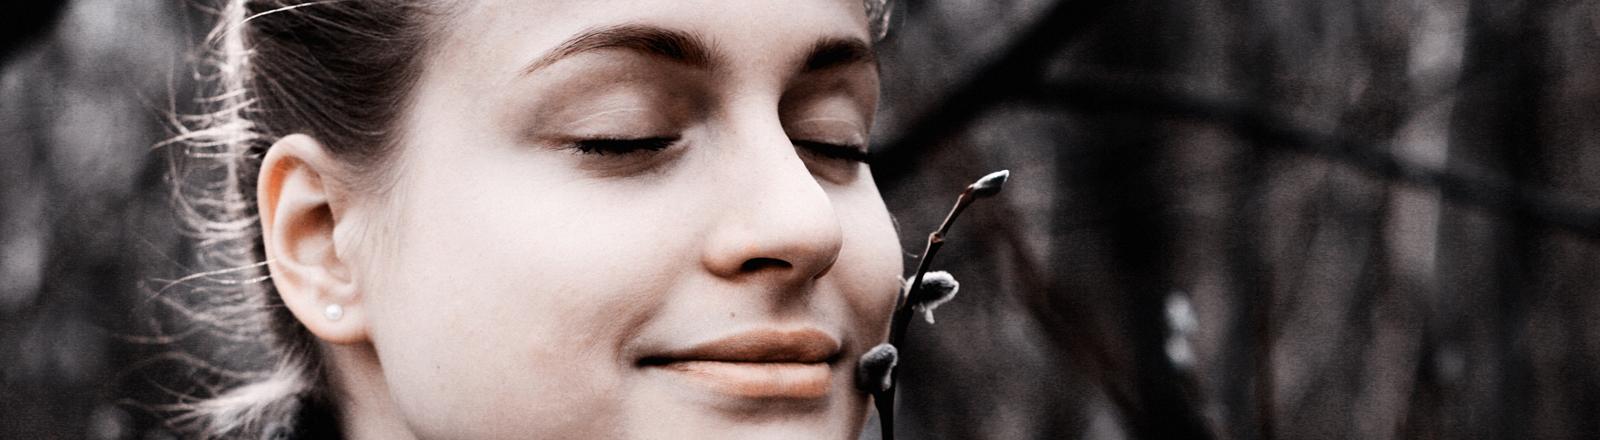 Frau, die an einem Zweig riecht